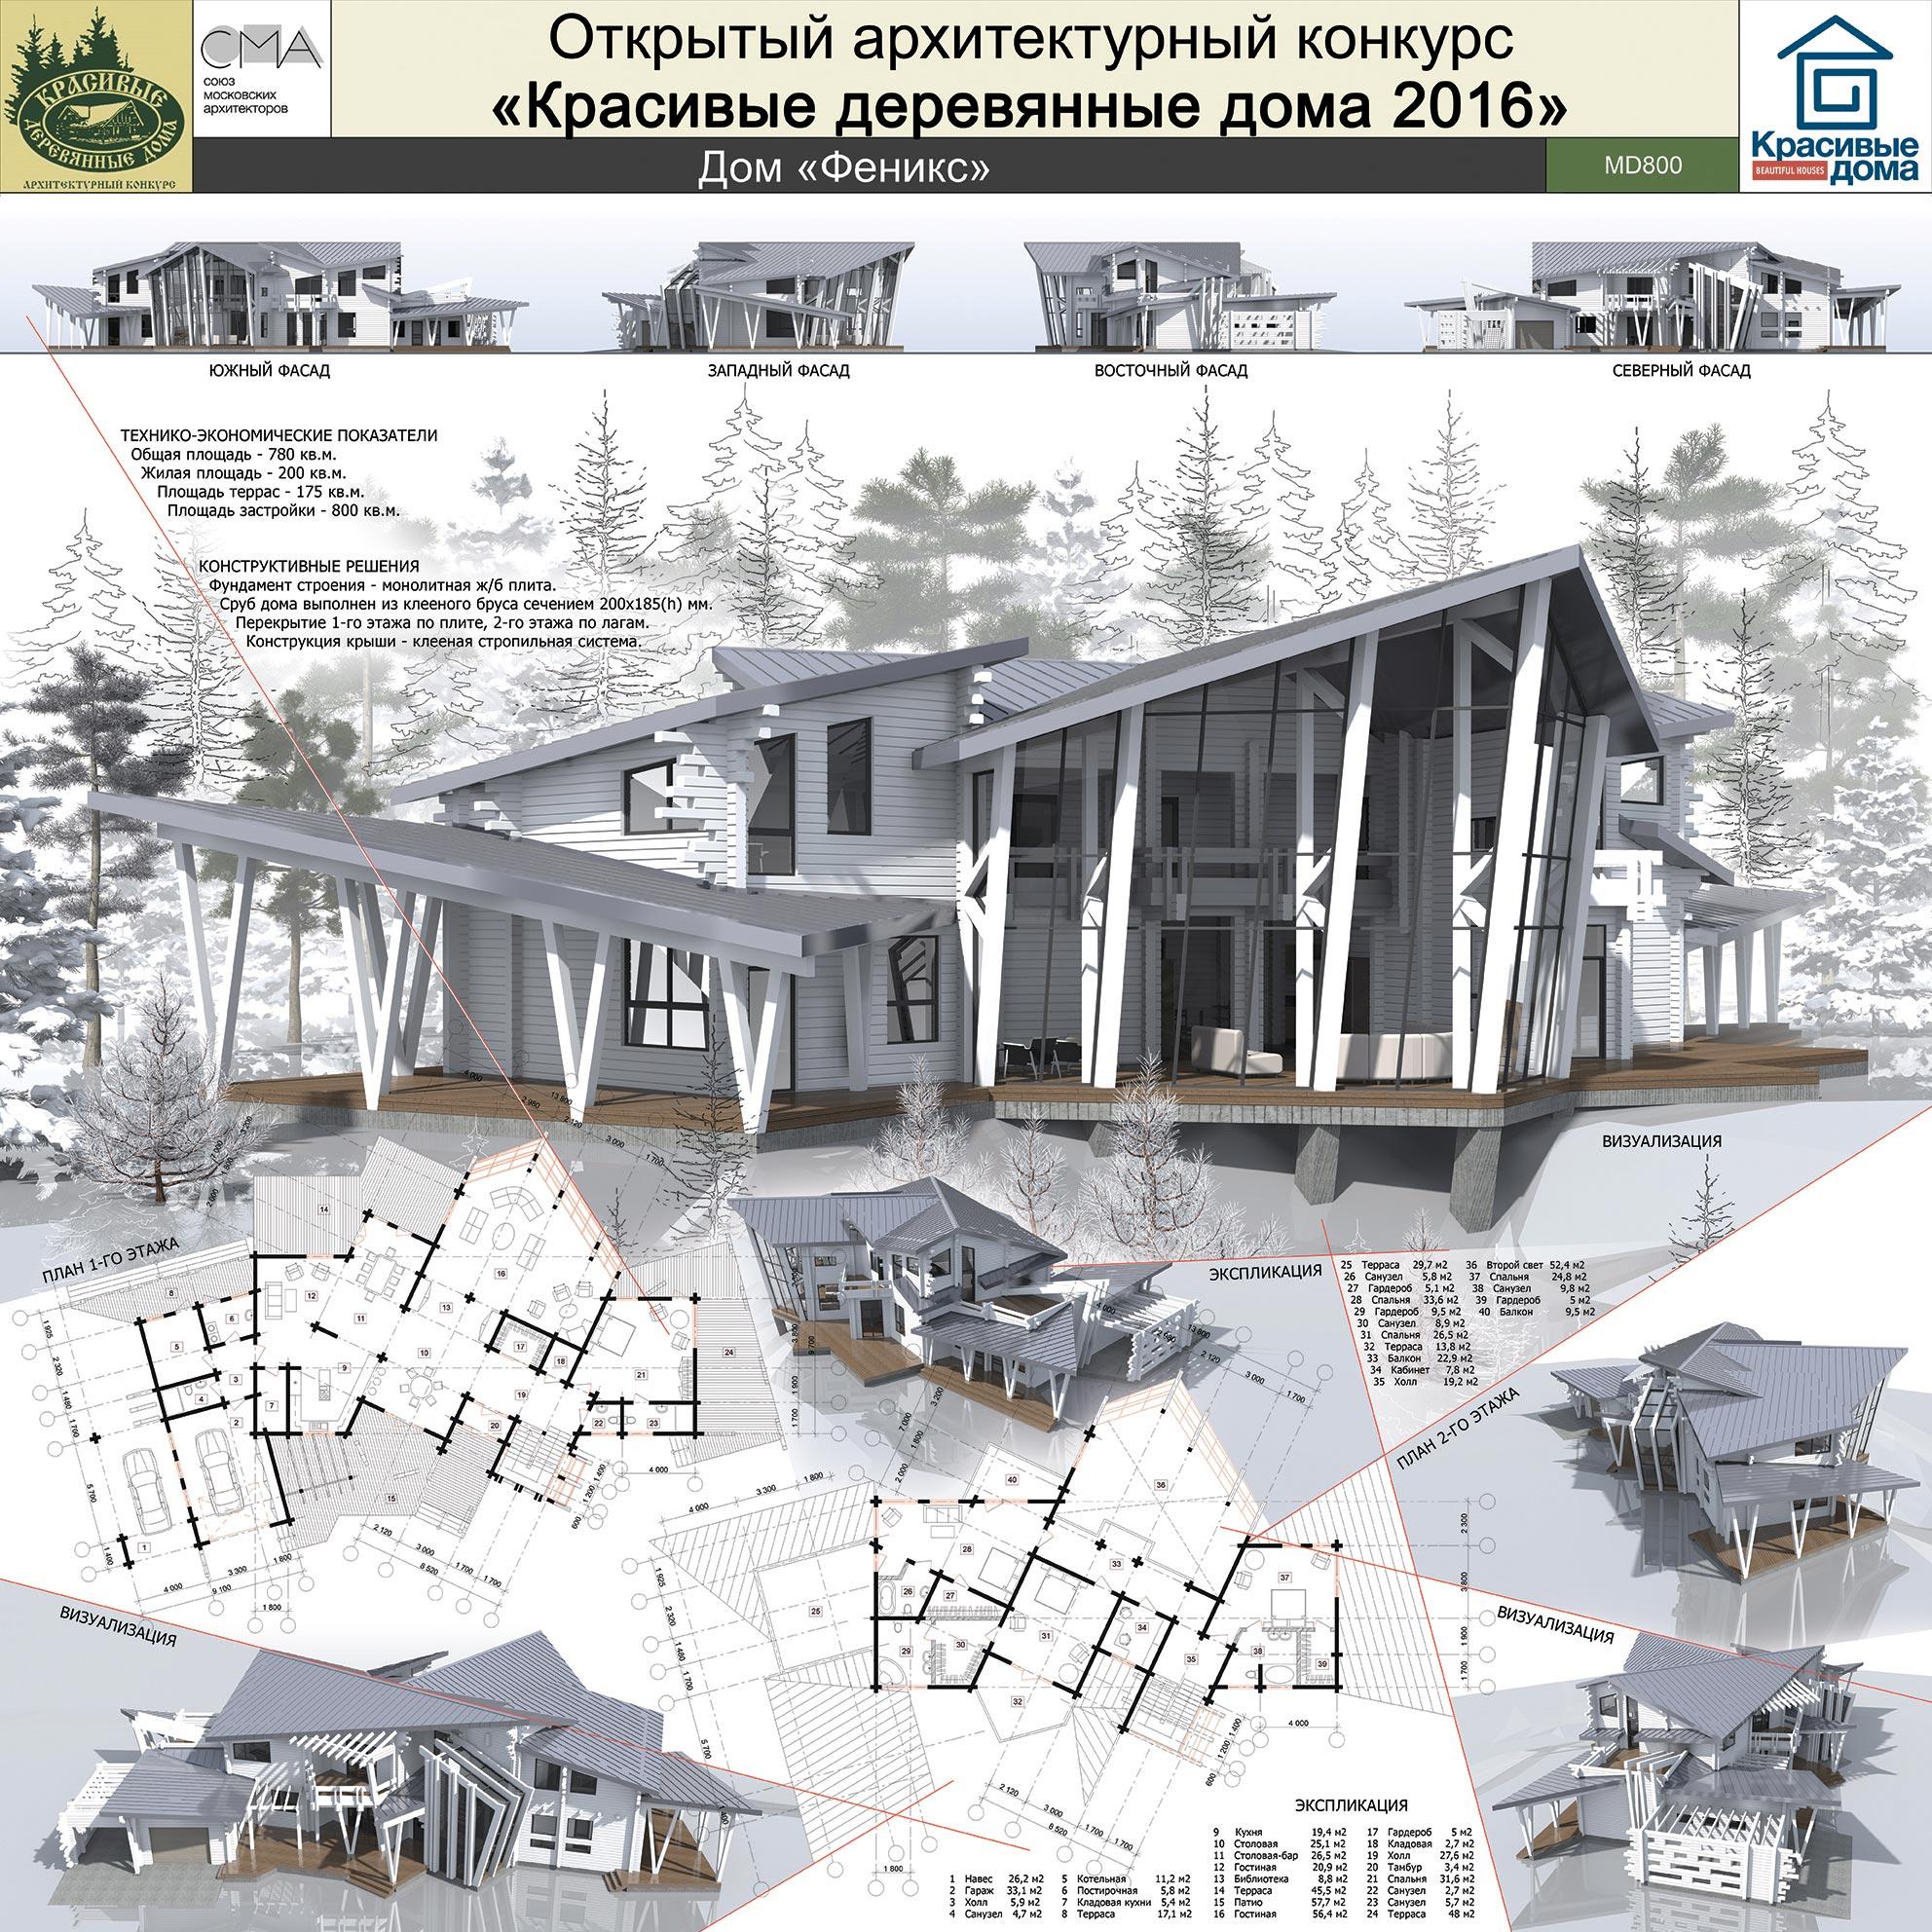 Первый архитектурный конкурс в россии